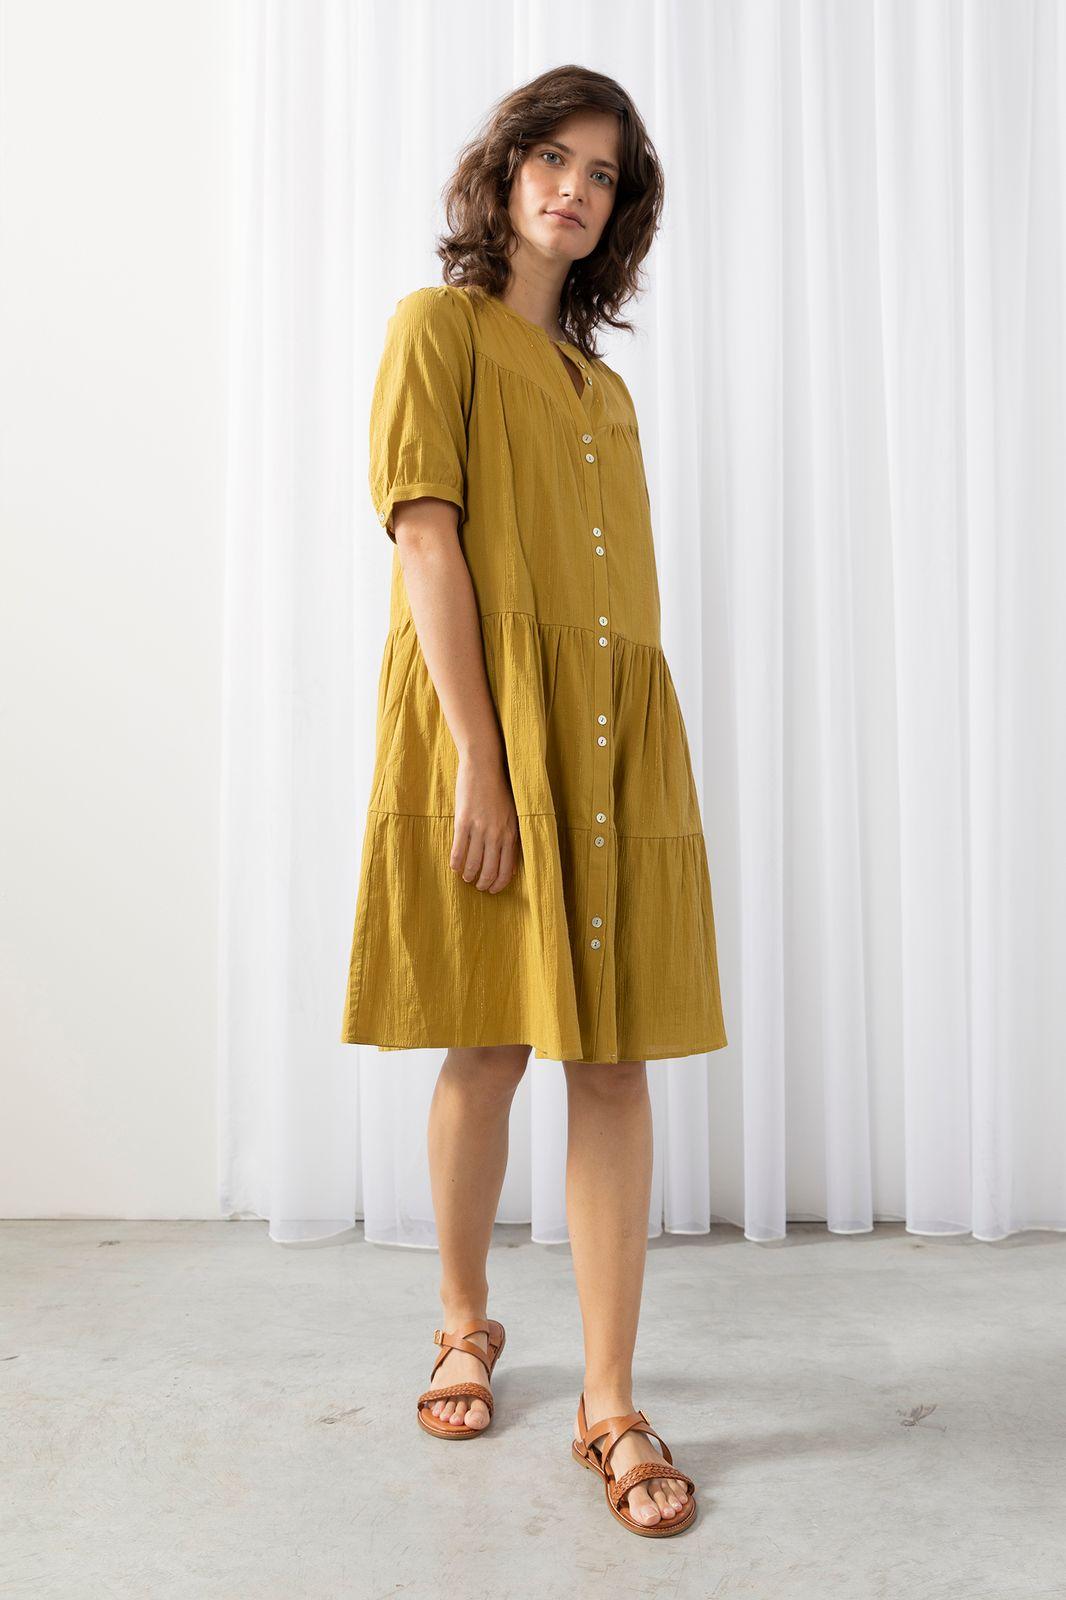 Groene jurk met gouden stiksels